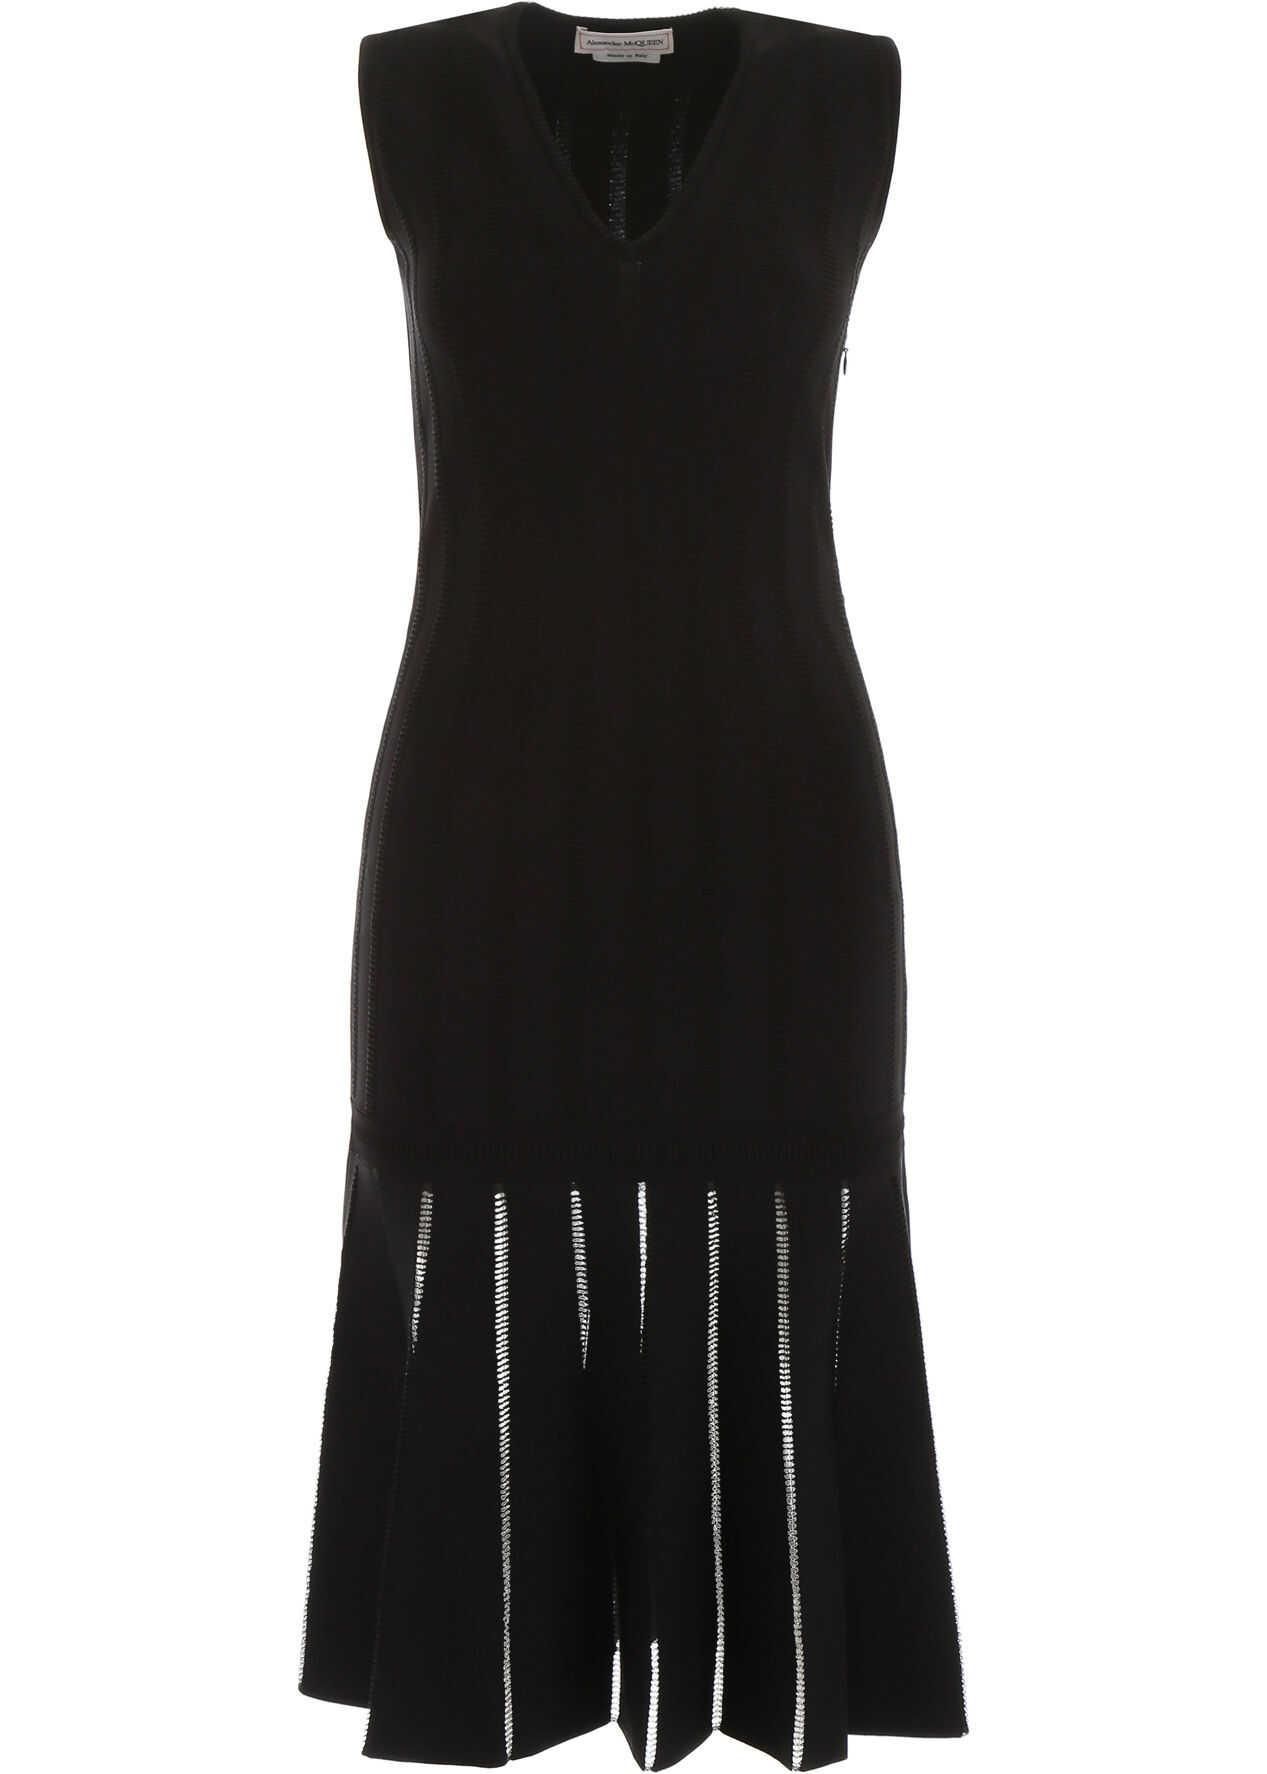 Alexander McQueen Knit Dress BLACK